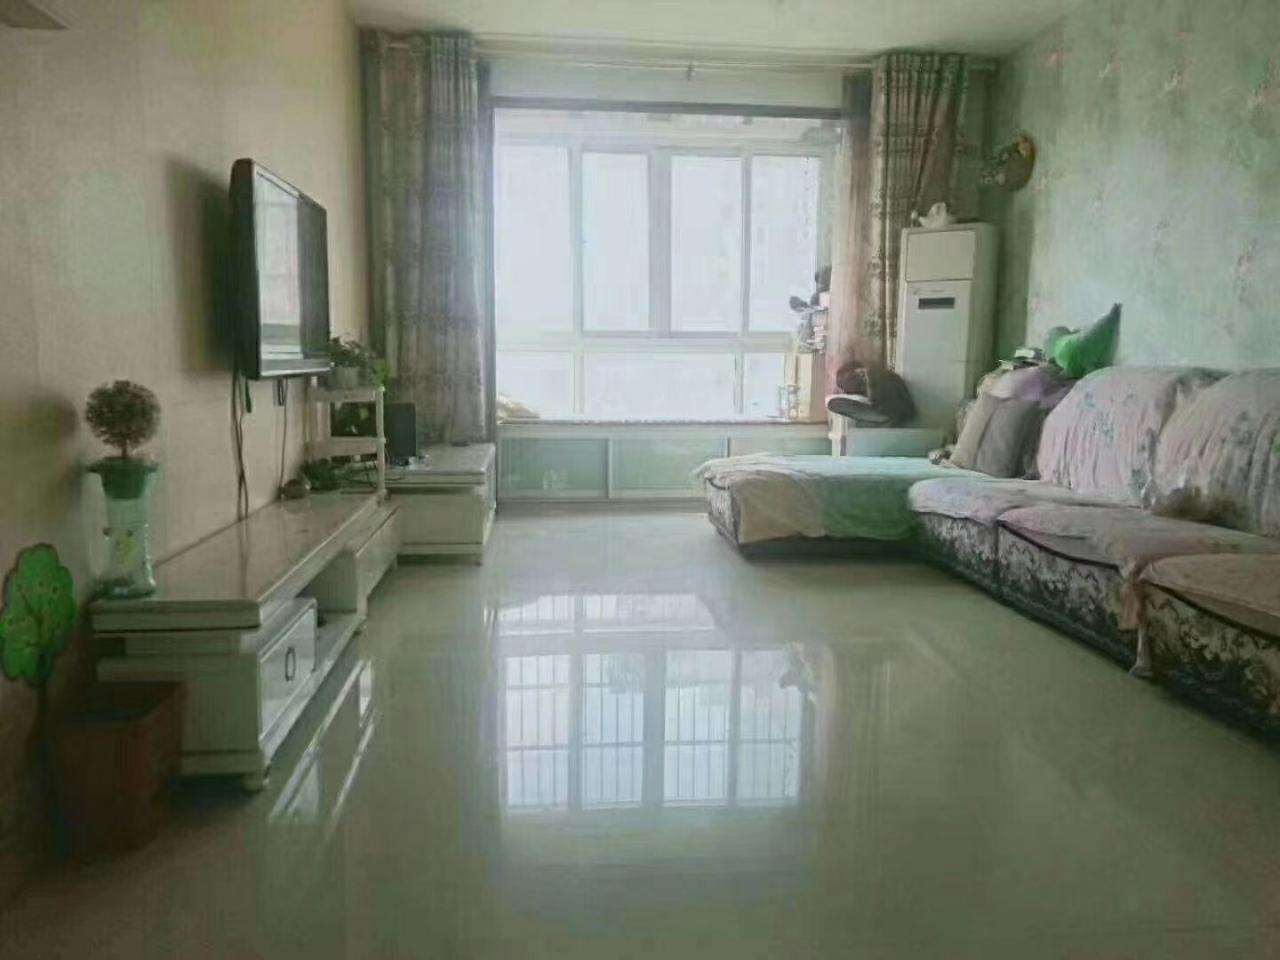 乐民小区125平3楼精装带车库,带家具家电95万元